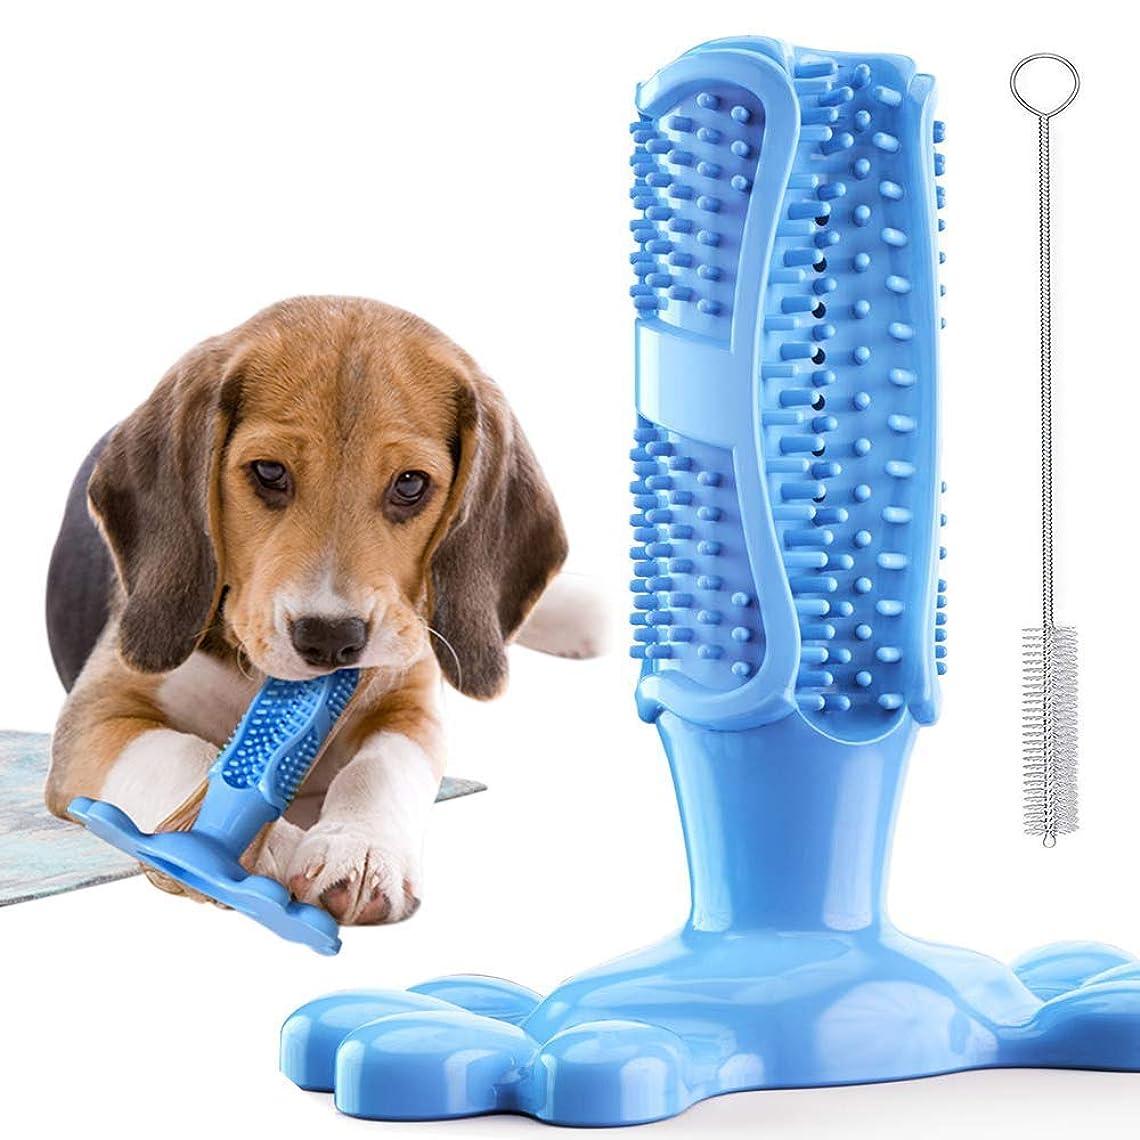 遠足ストラトフォードオンエイボン染料ブルー犬用おもちゃ ペット犬用歯磨きおもちゃ ペット用歯磨き石取り口腔の清潔